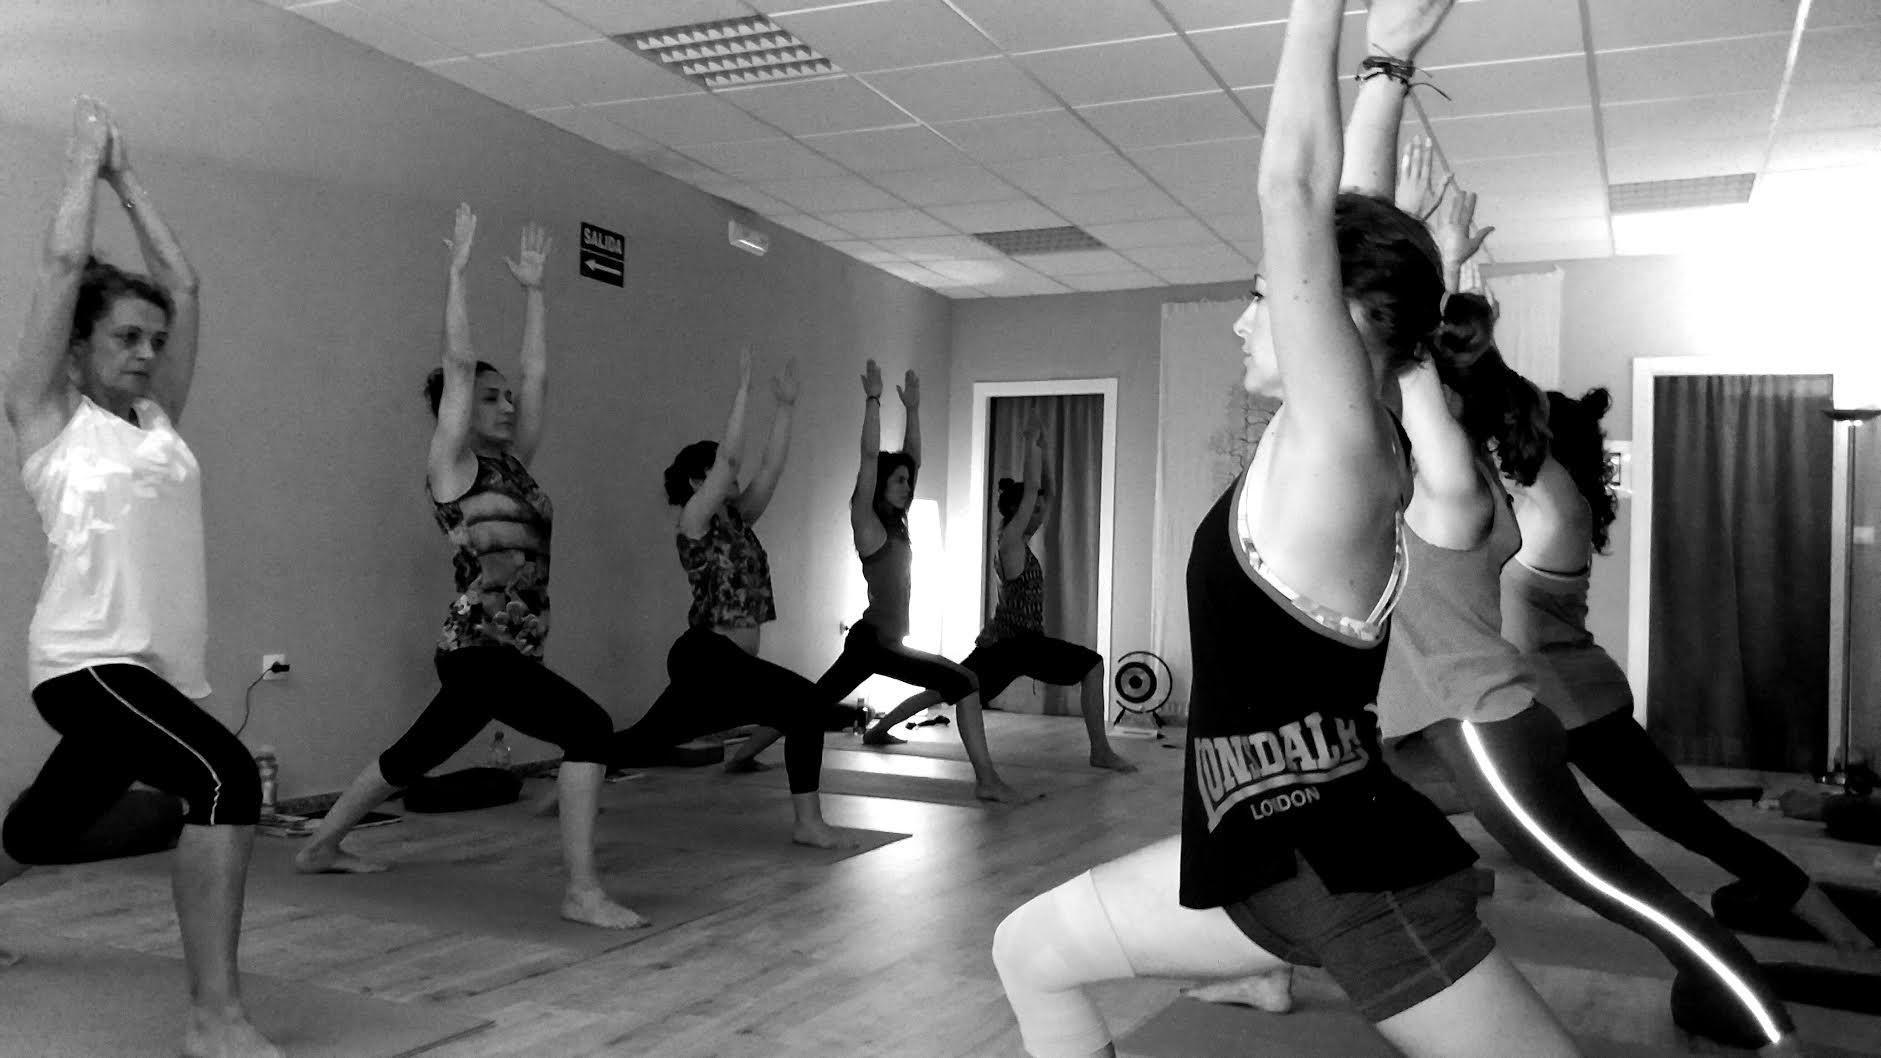 España Yoga en Cáceres orbita Profesores de yoga Órbita